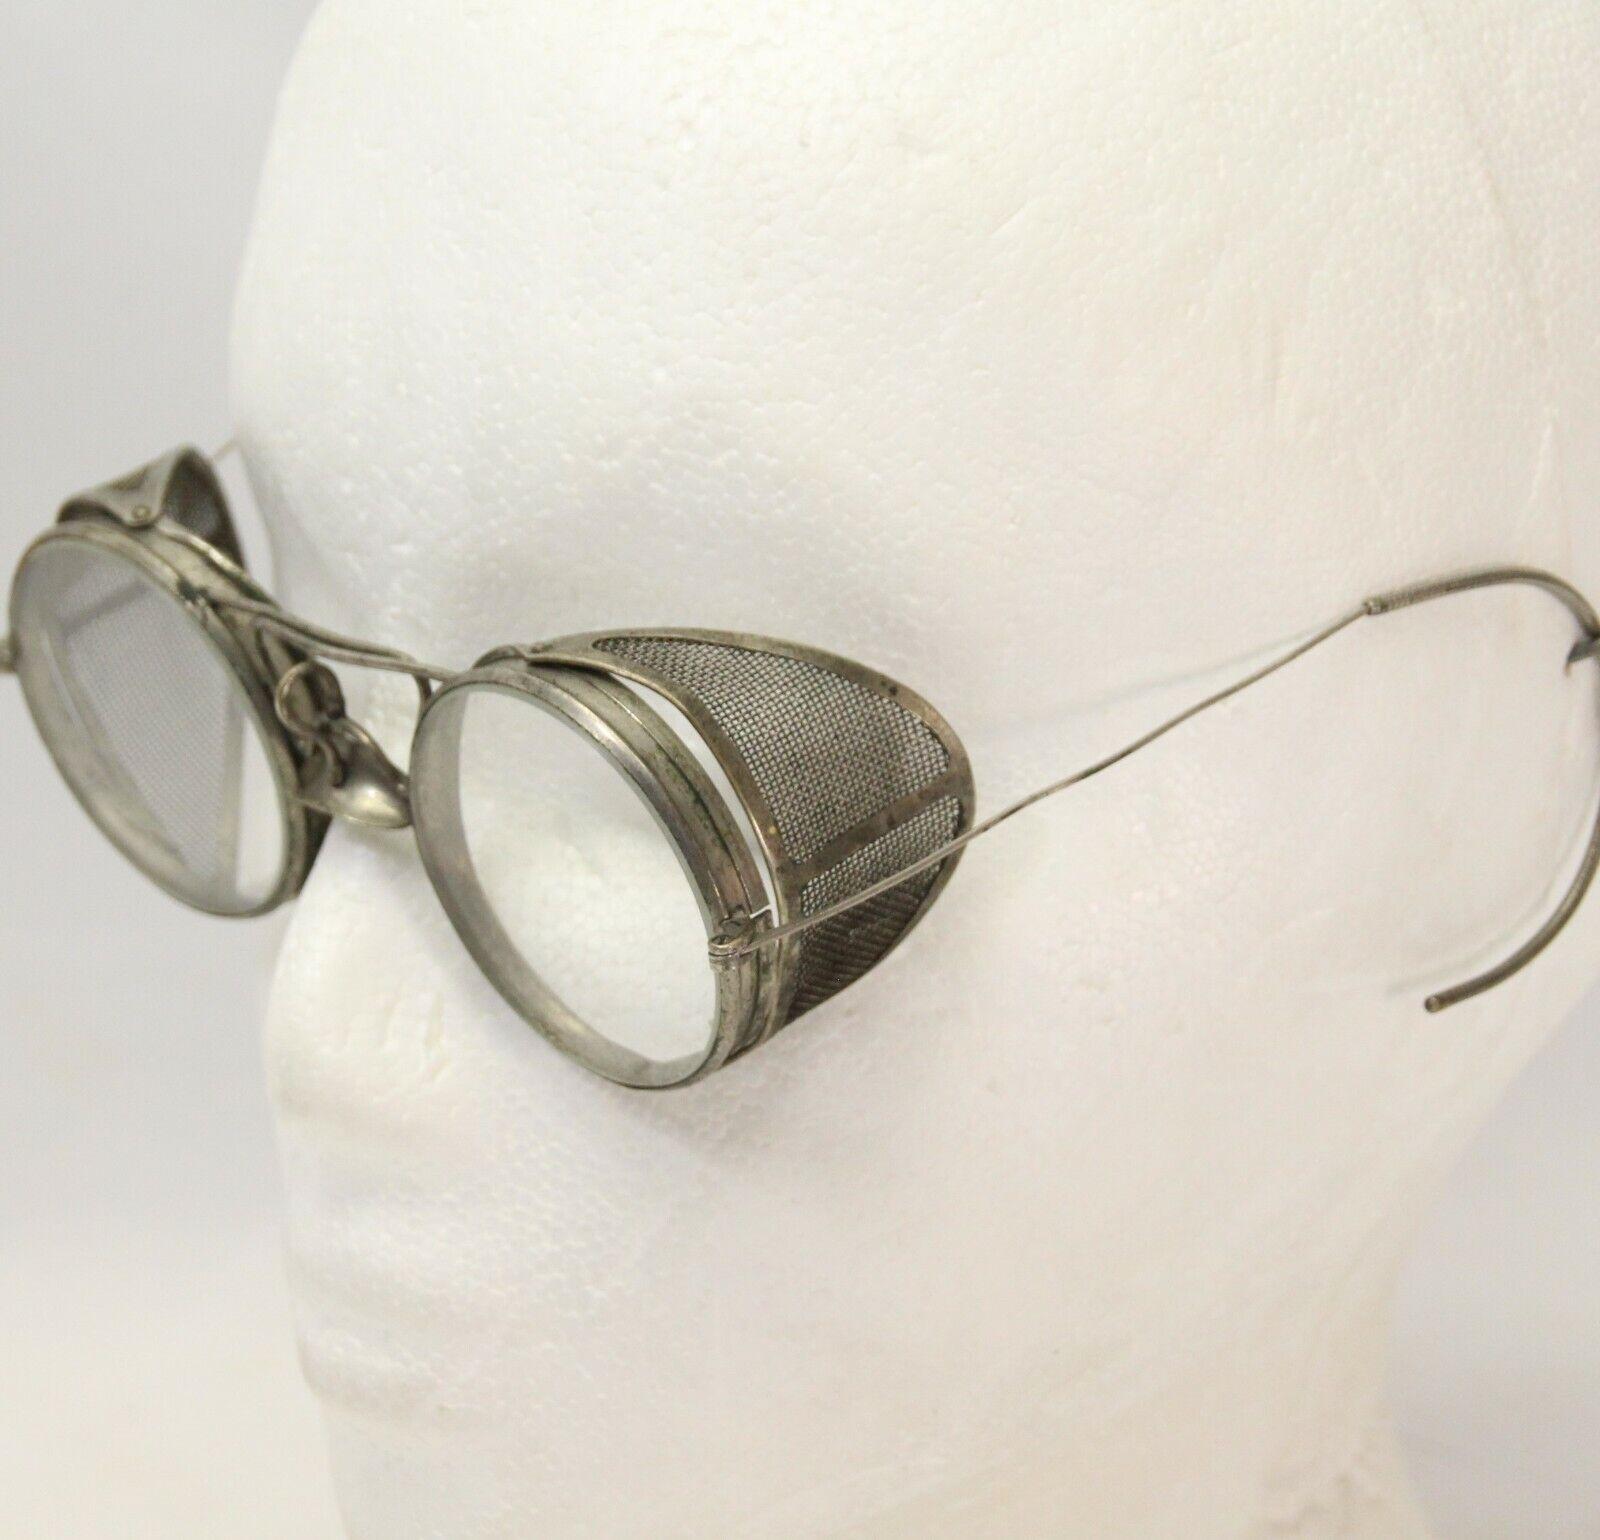 Image 1 - Vintage-Safety-Glasses-Original-Metal-Frame-Side-Guards-Steampunk